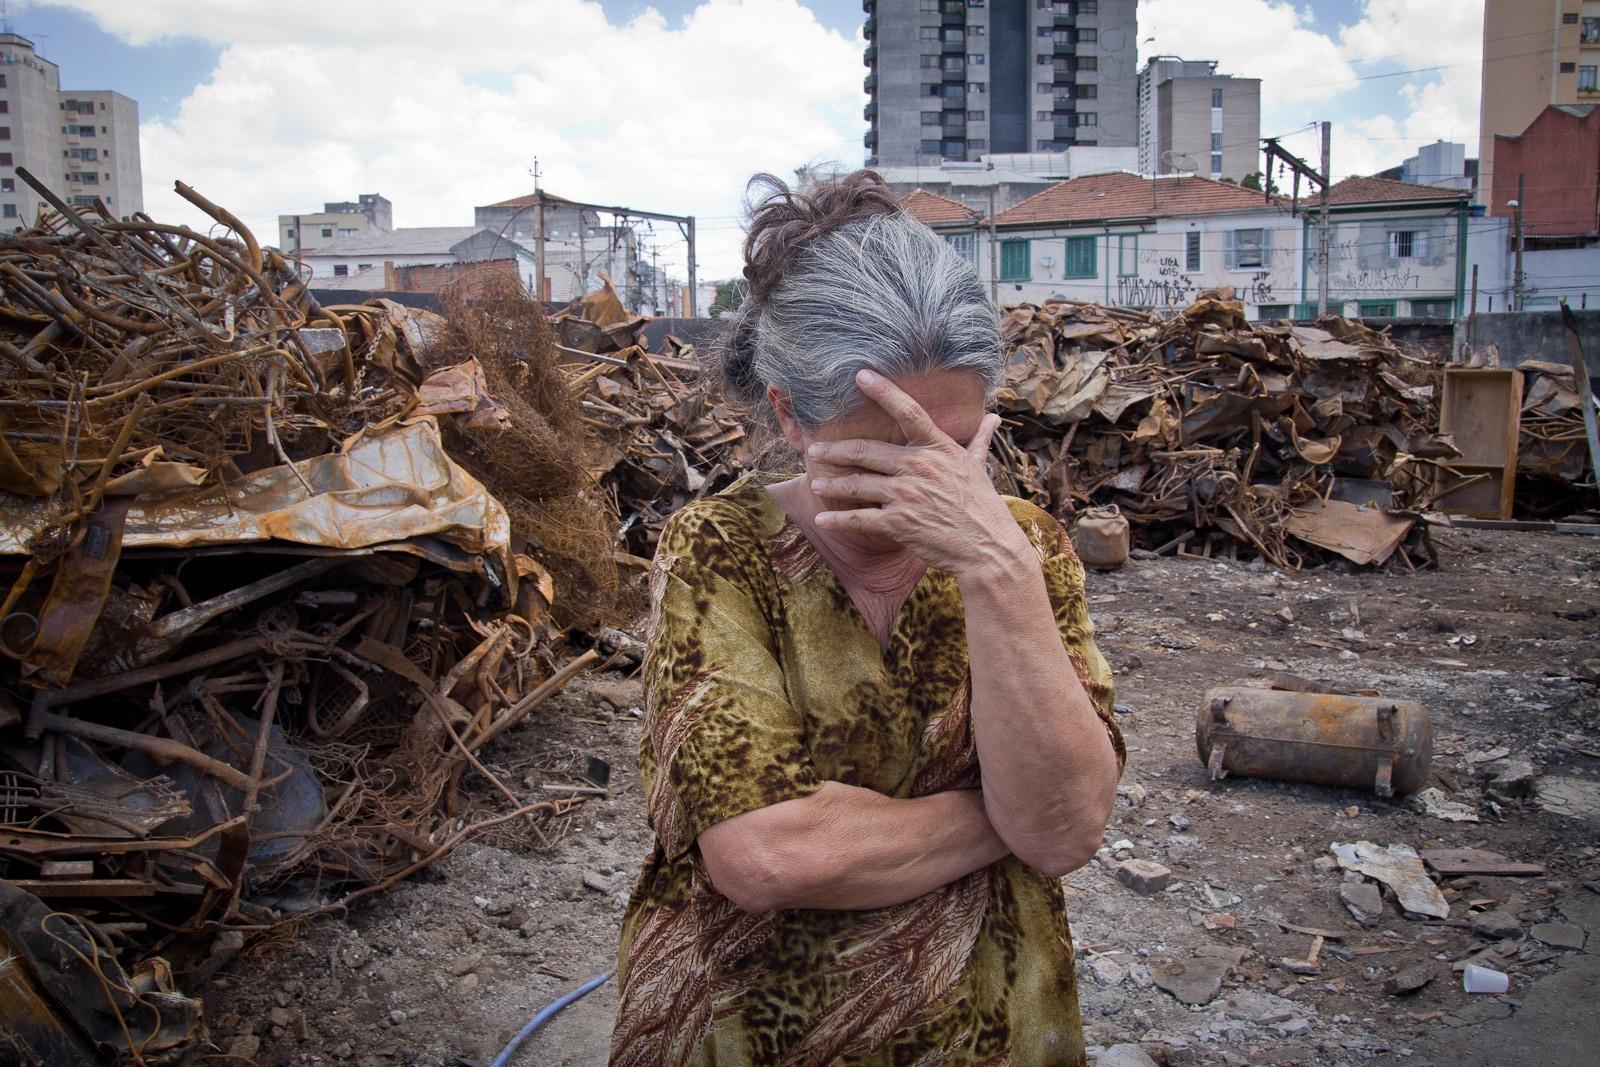 Moradora da favela do Moinho após incêndio / Resident of the Moinho favela after fire